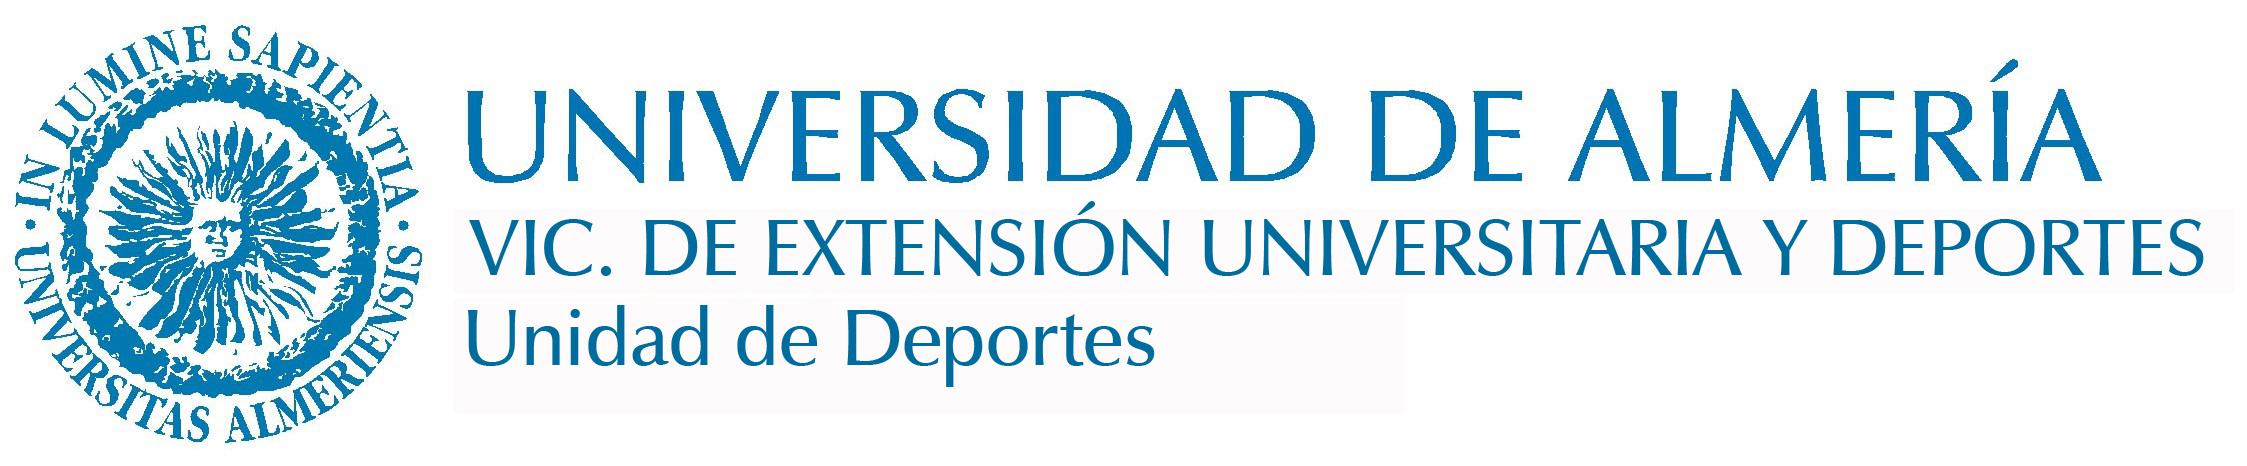 Lugar de Juego: Universidad de Almería